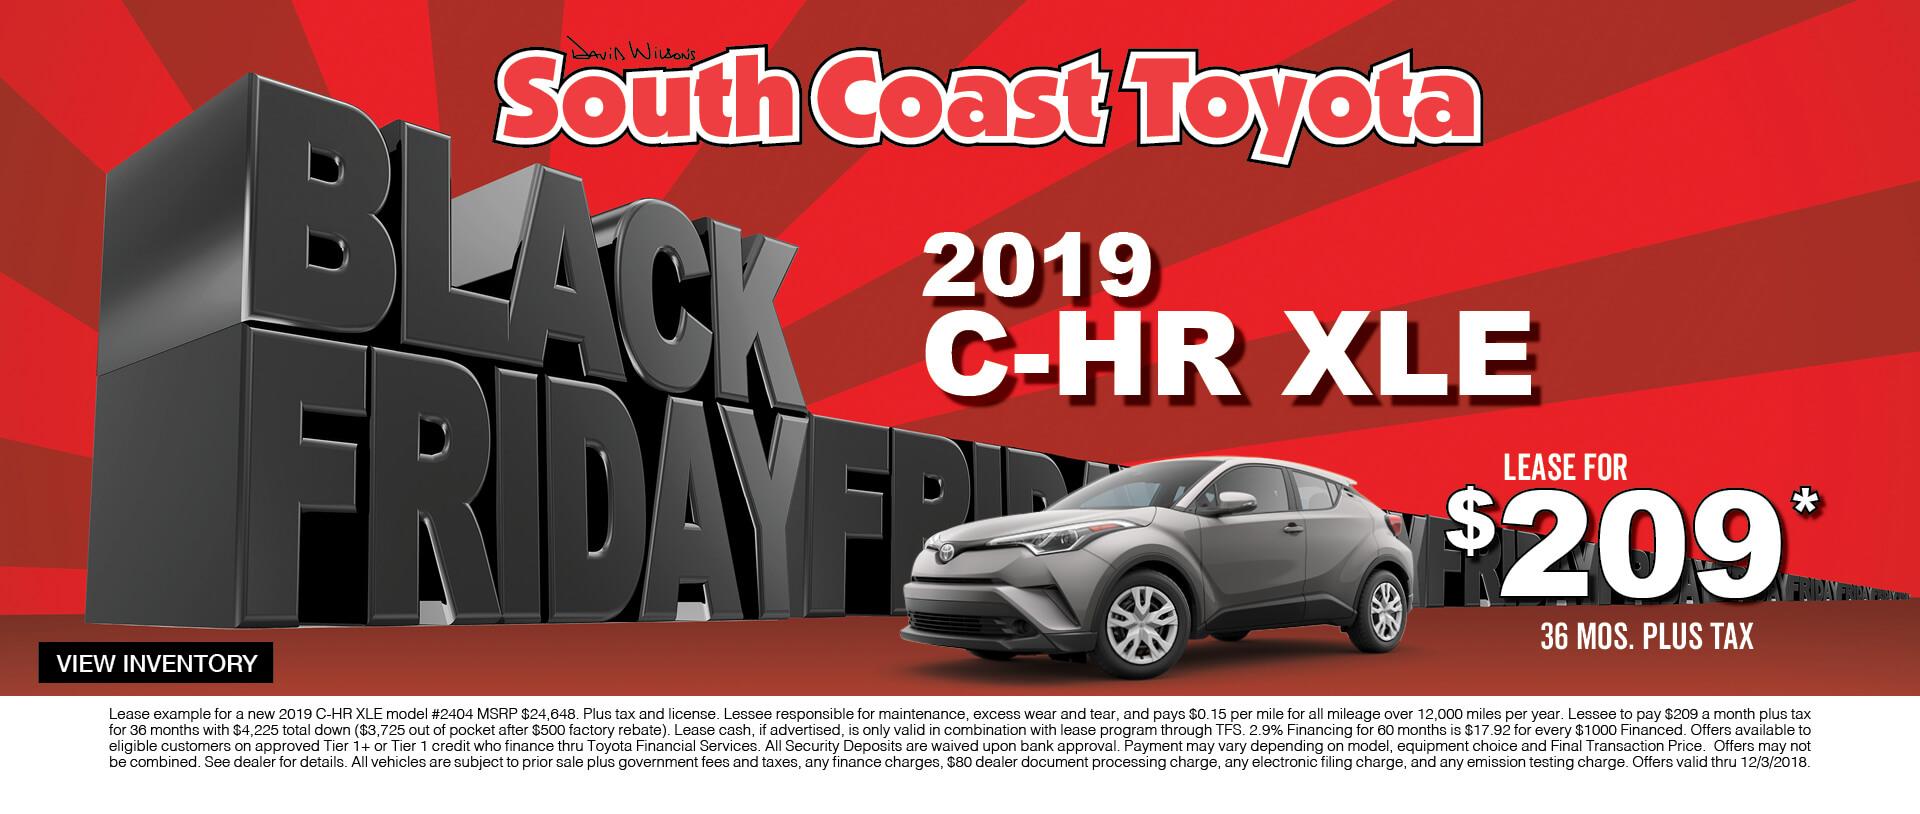 Toyota CH-R $209 Lease